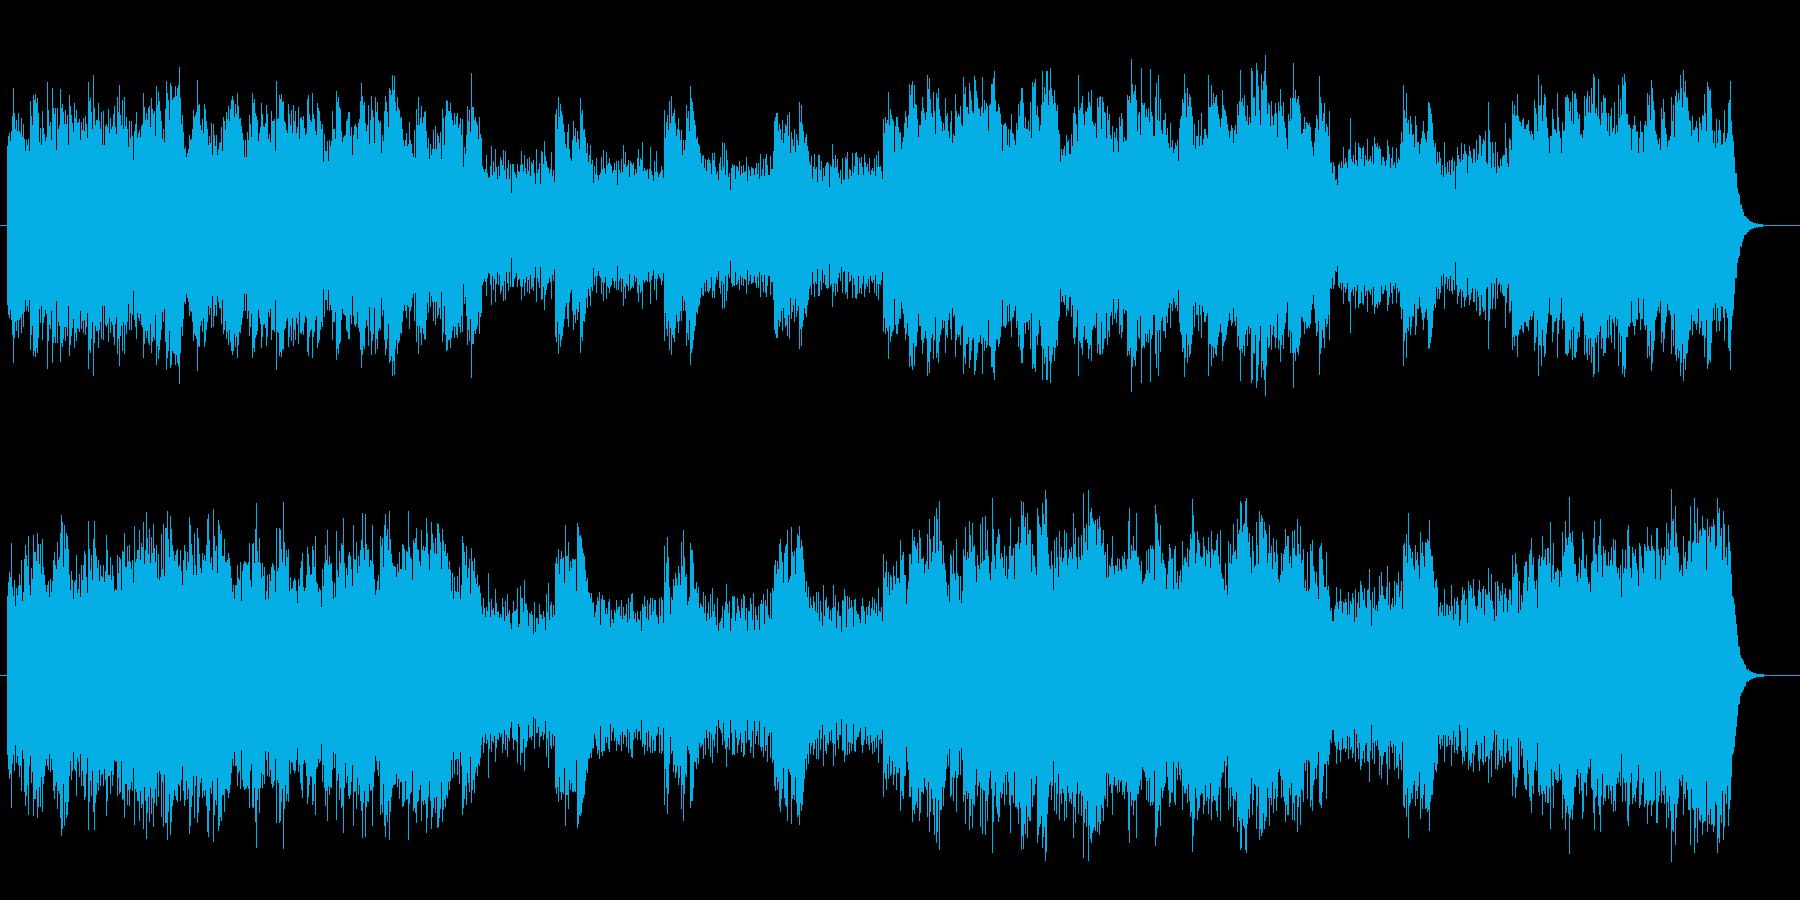 ストリングスによる透明感のあるポップスの再生済みの波形